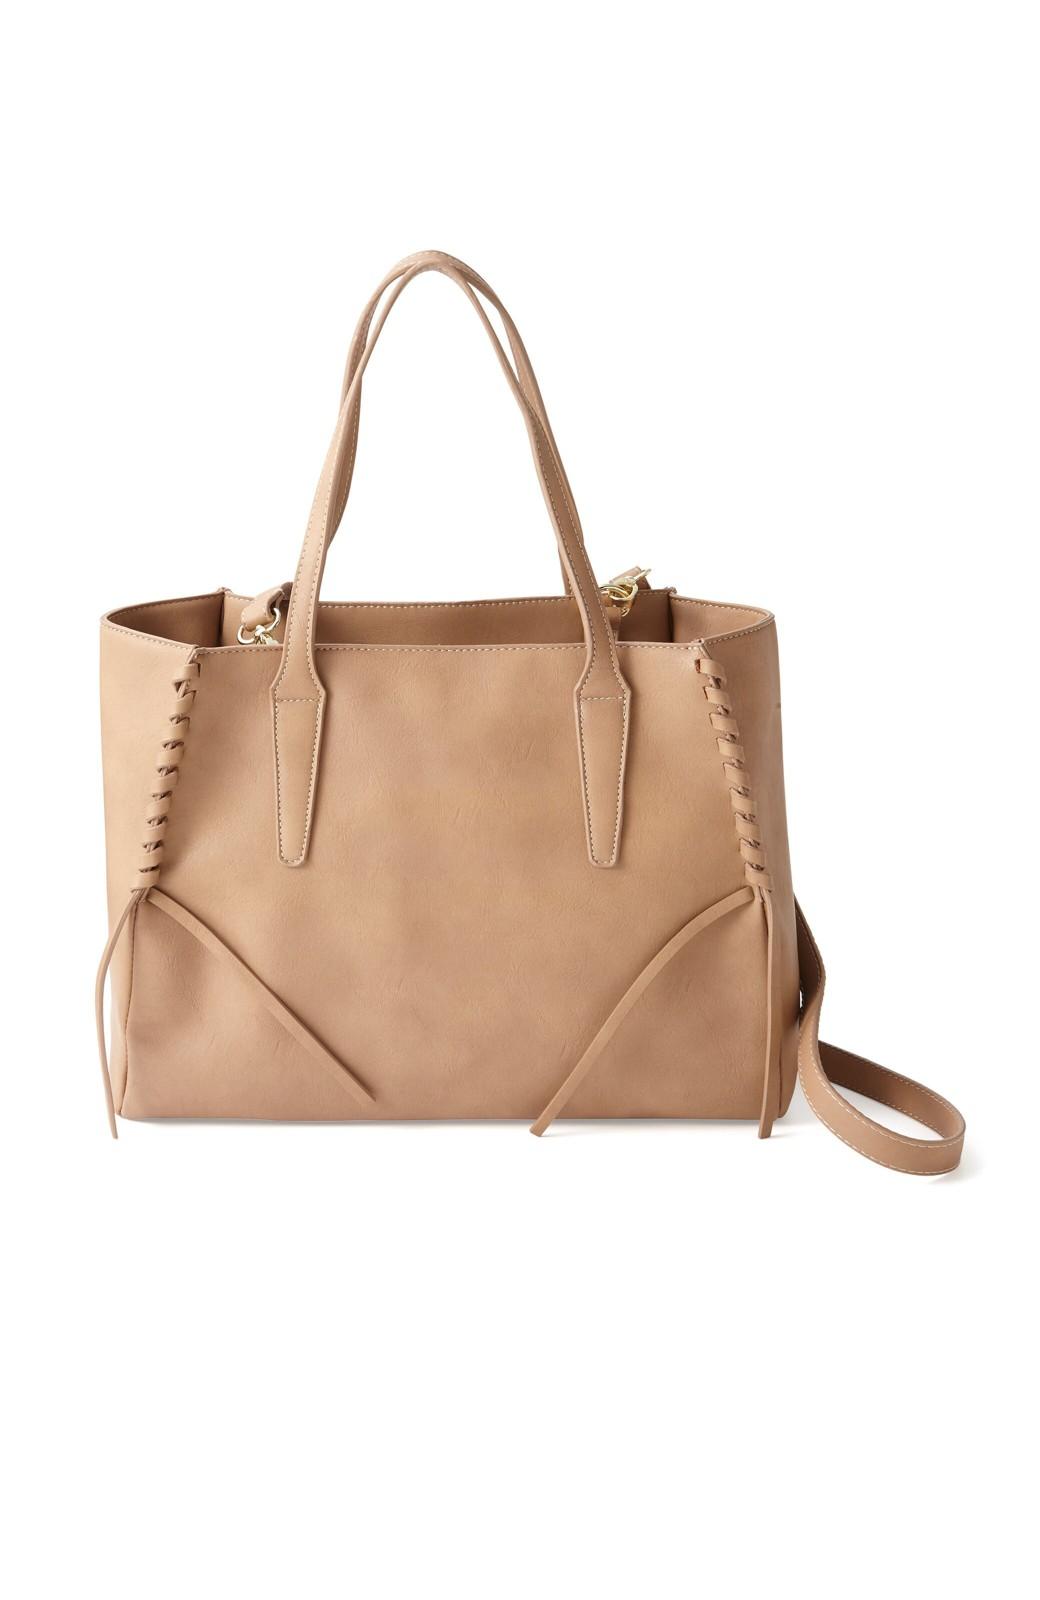 エムトロワ 編み込みデザインがかわいいフェミニントートバッグ <ベージュ>の商品写真1